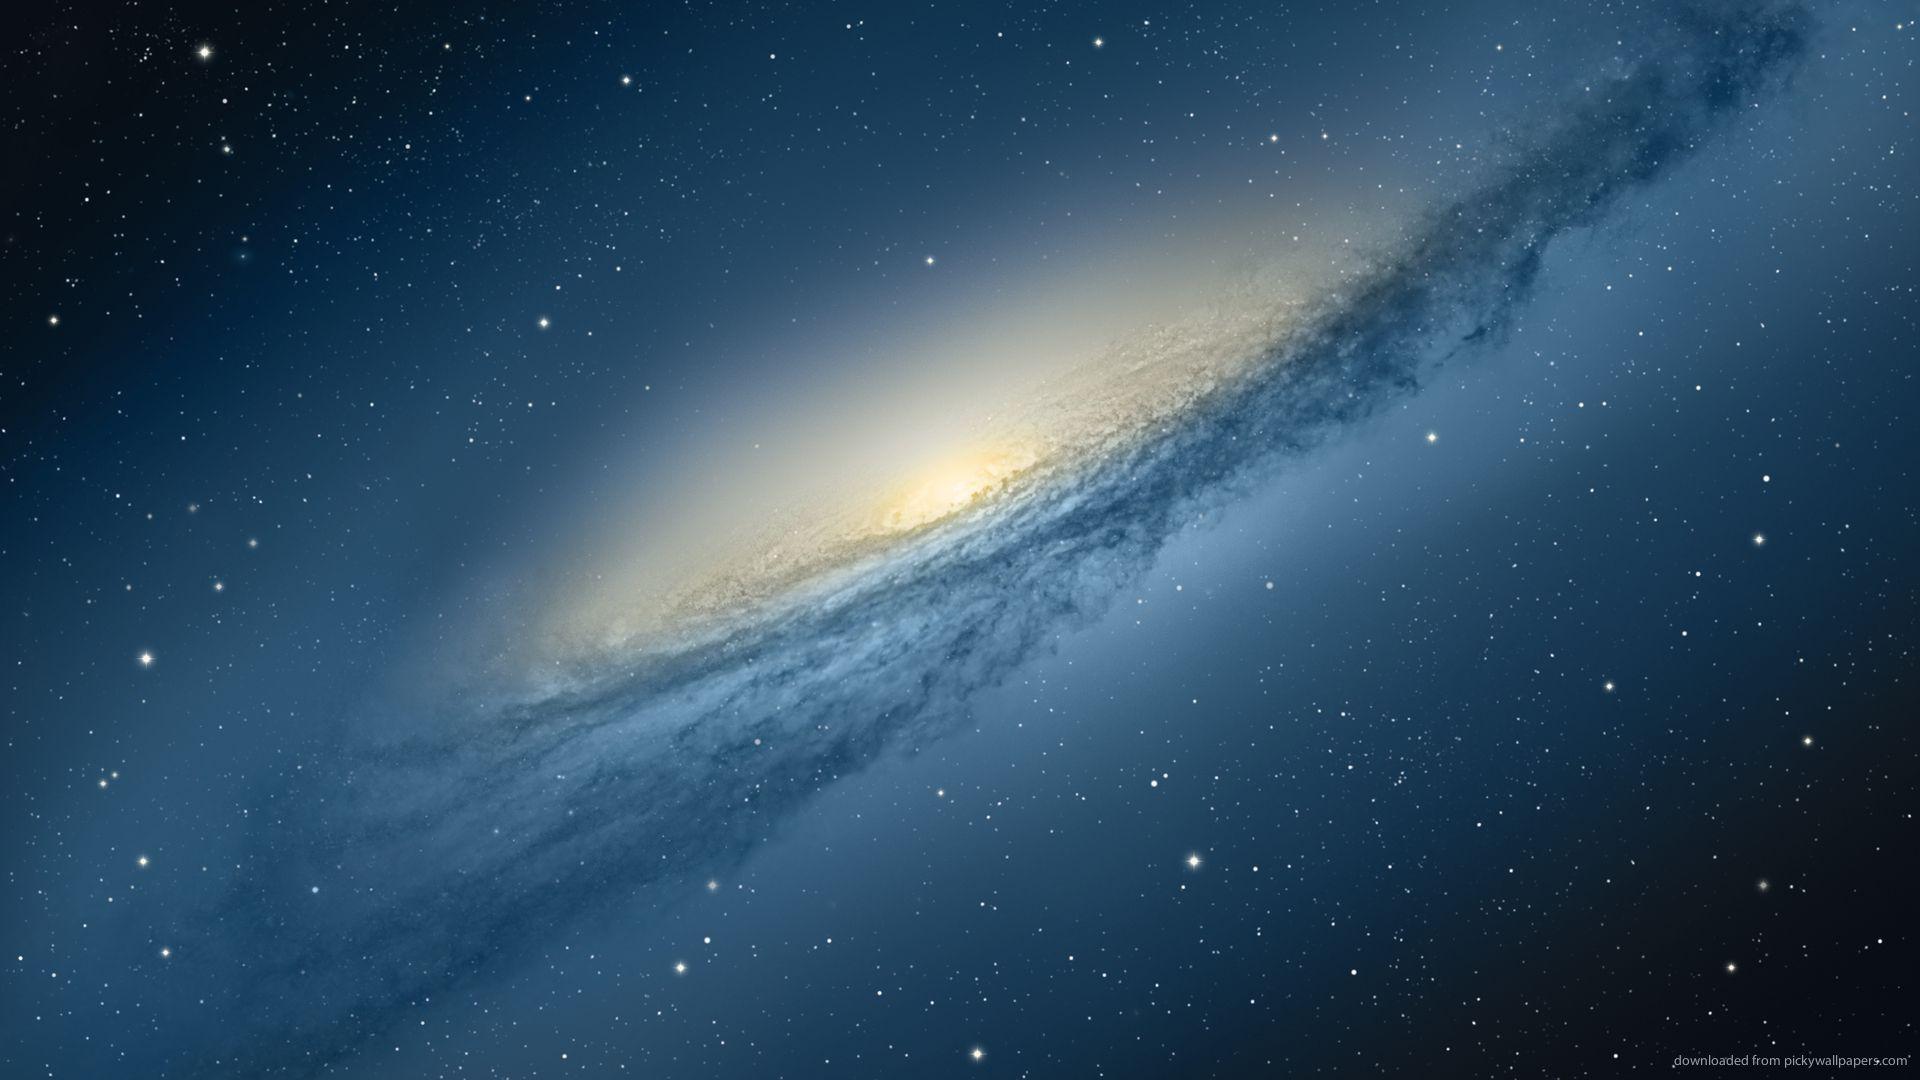 Andromeda Galaxy Wallpaper Hd Sf Wallpaper